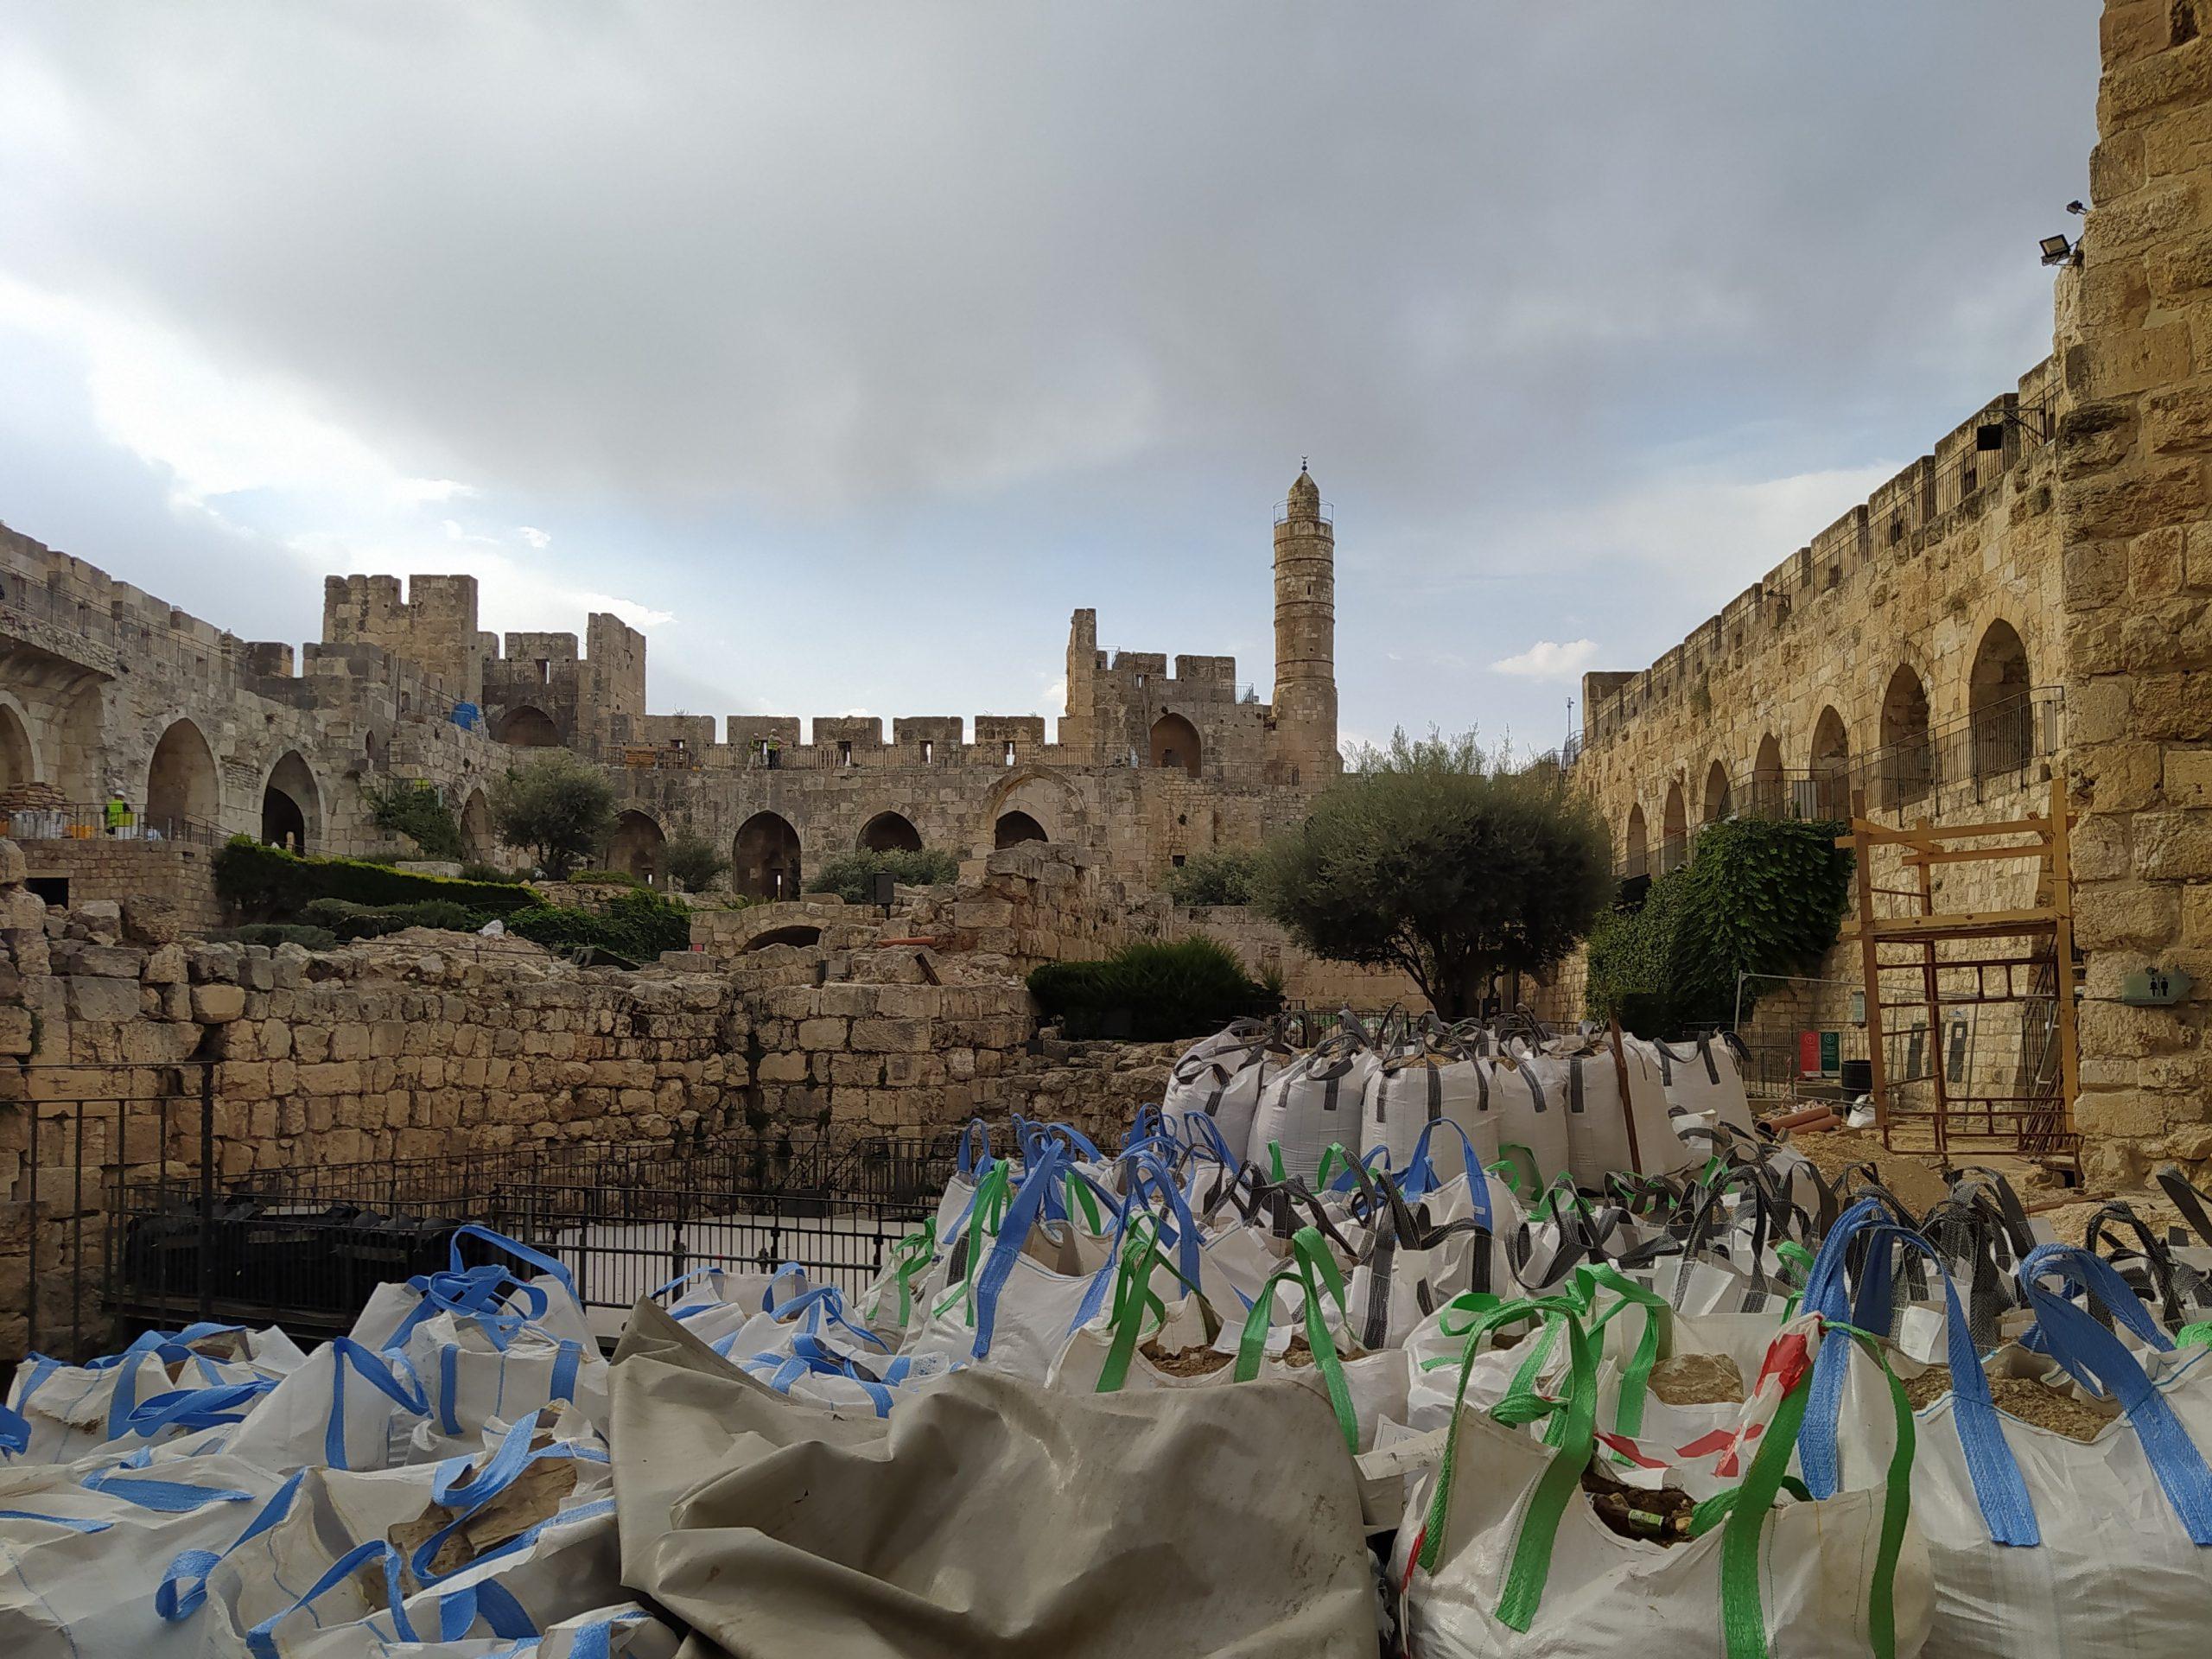 Иерусалим: Музей «Башни Давида» начинает новую жизнь: фото Рики Речмен. Предоставлено пресс-службой музея